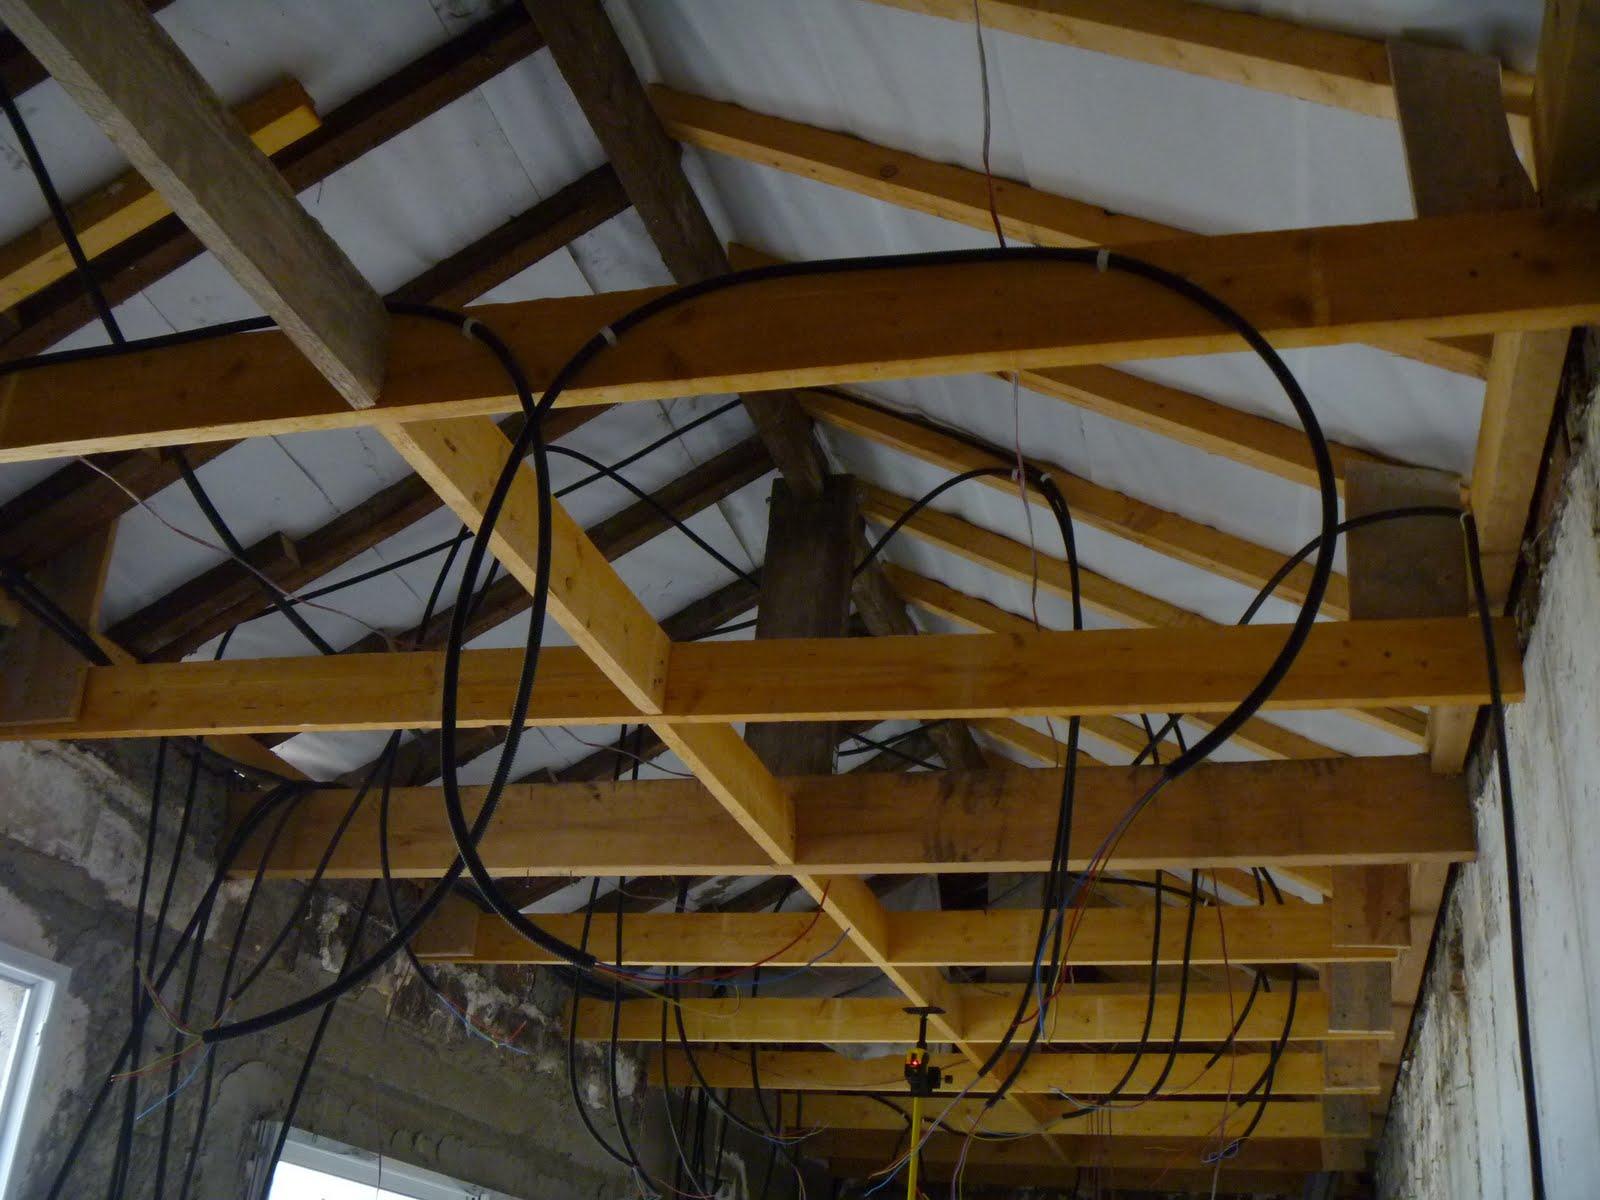 dsblog pose d 39 un faux plafond fixe en plaques de pl tre. Black Bedroom Furniture Sets. Home Design Ideas